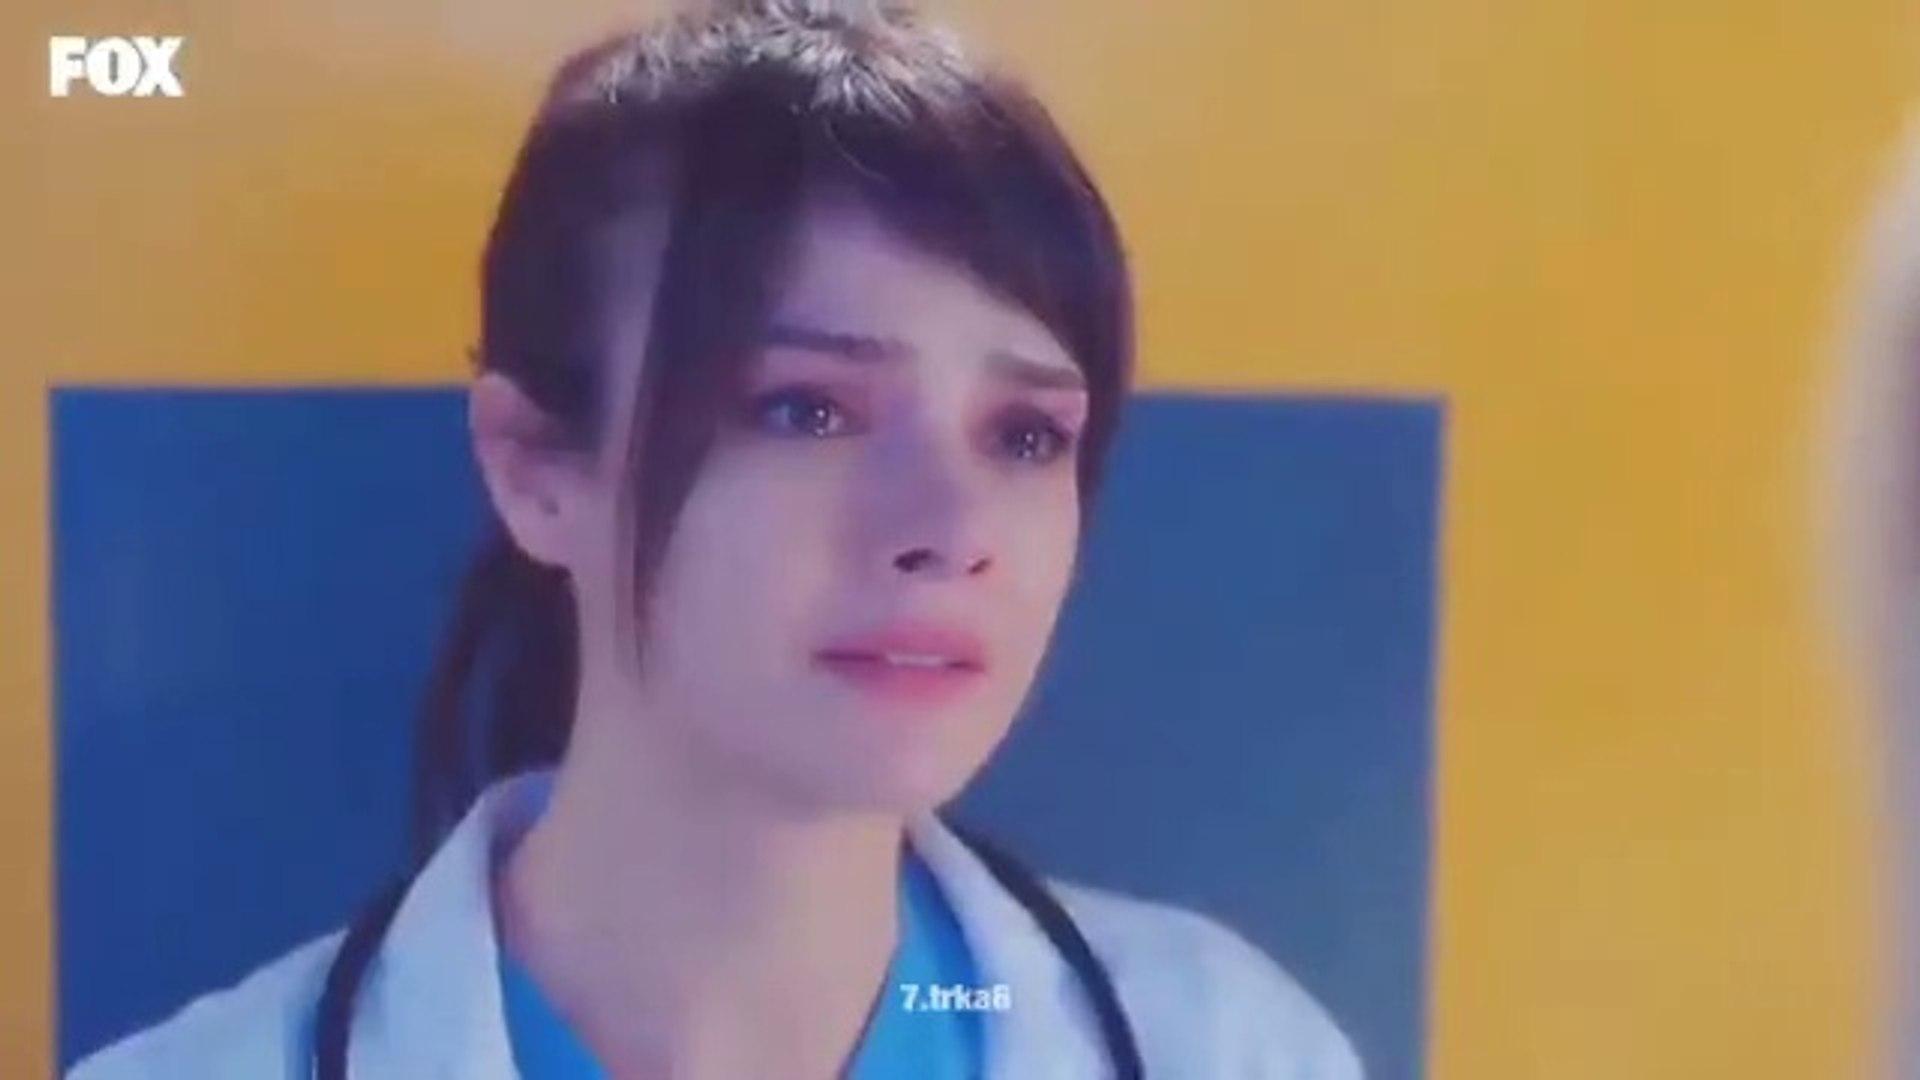 مسلسل الطبيب المعجزة الحلقة 29 كاملة مترجمة للعربية فيديو Dailymotion